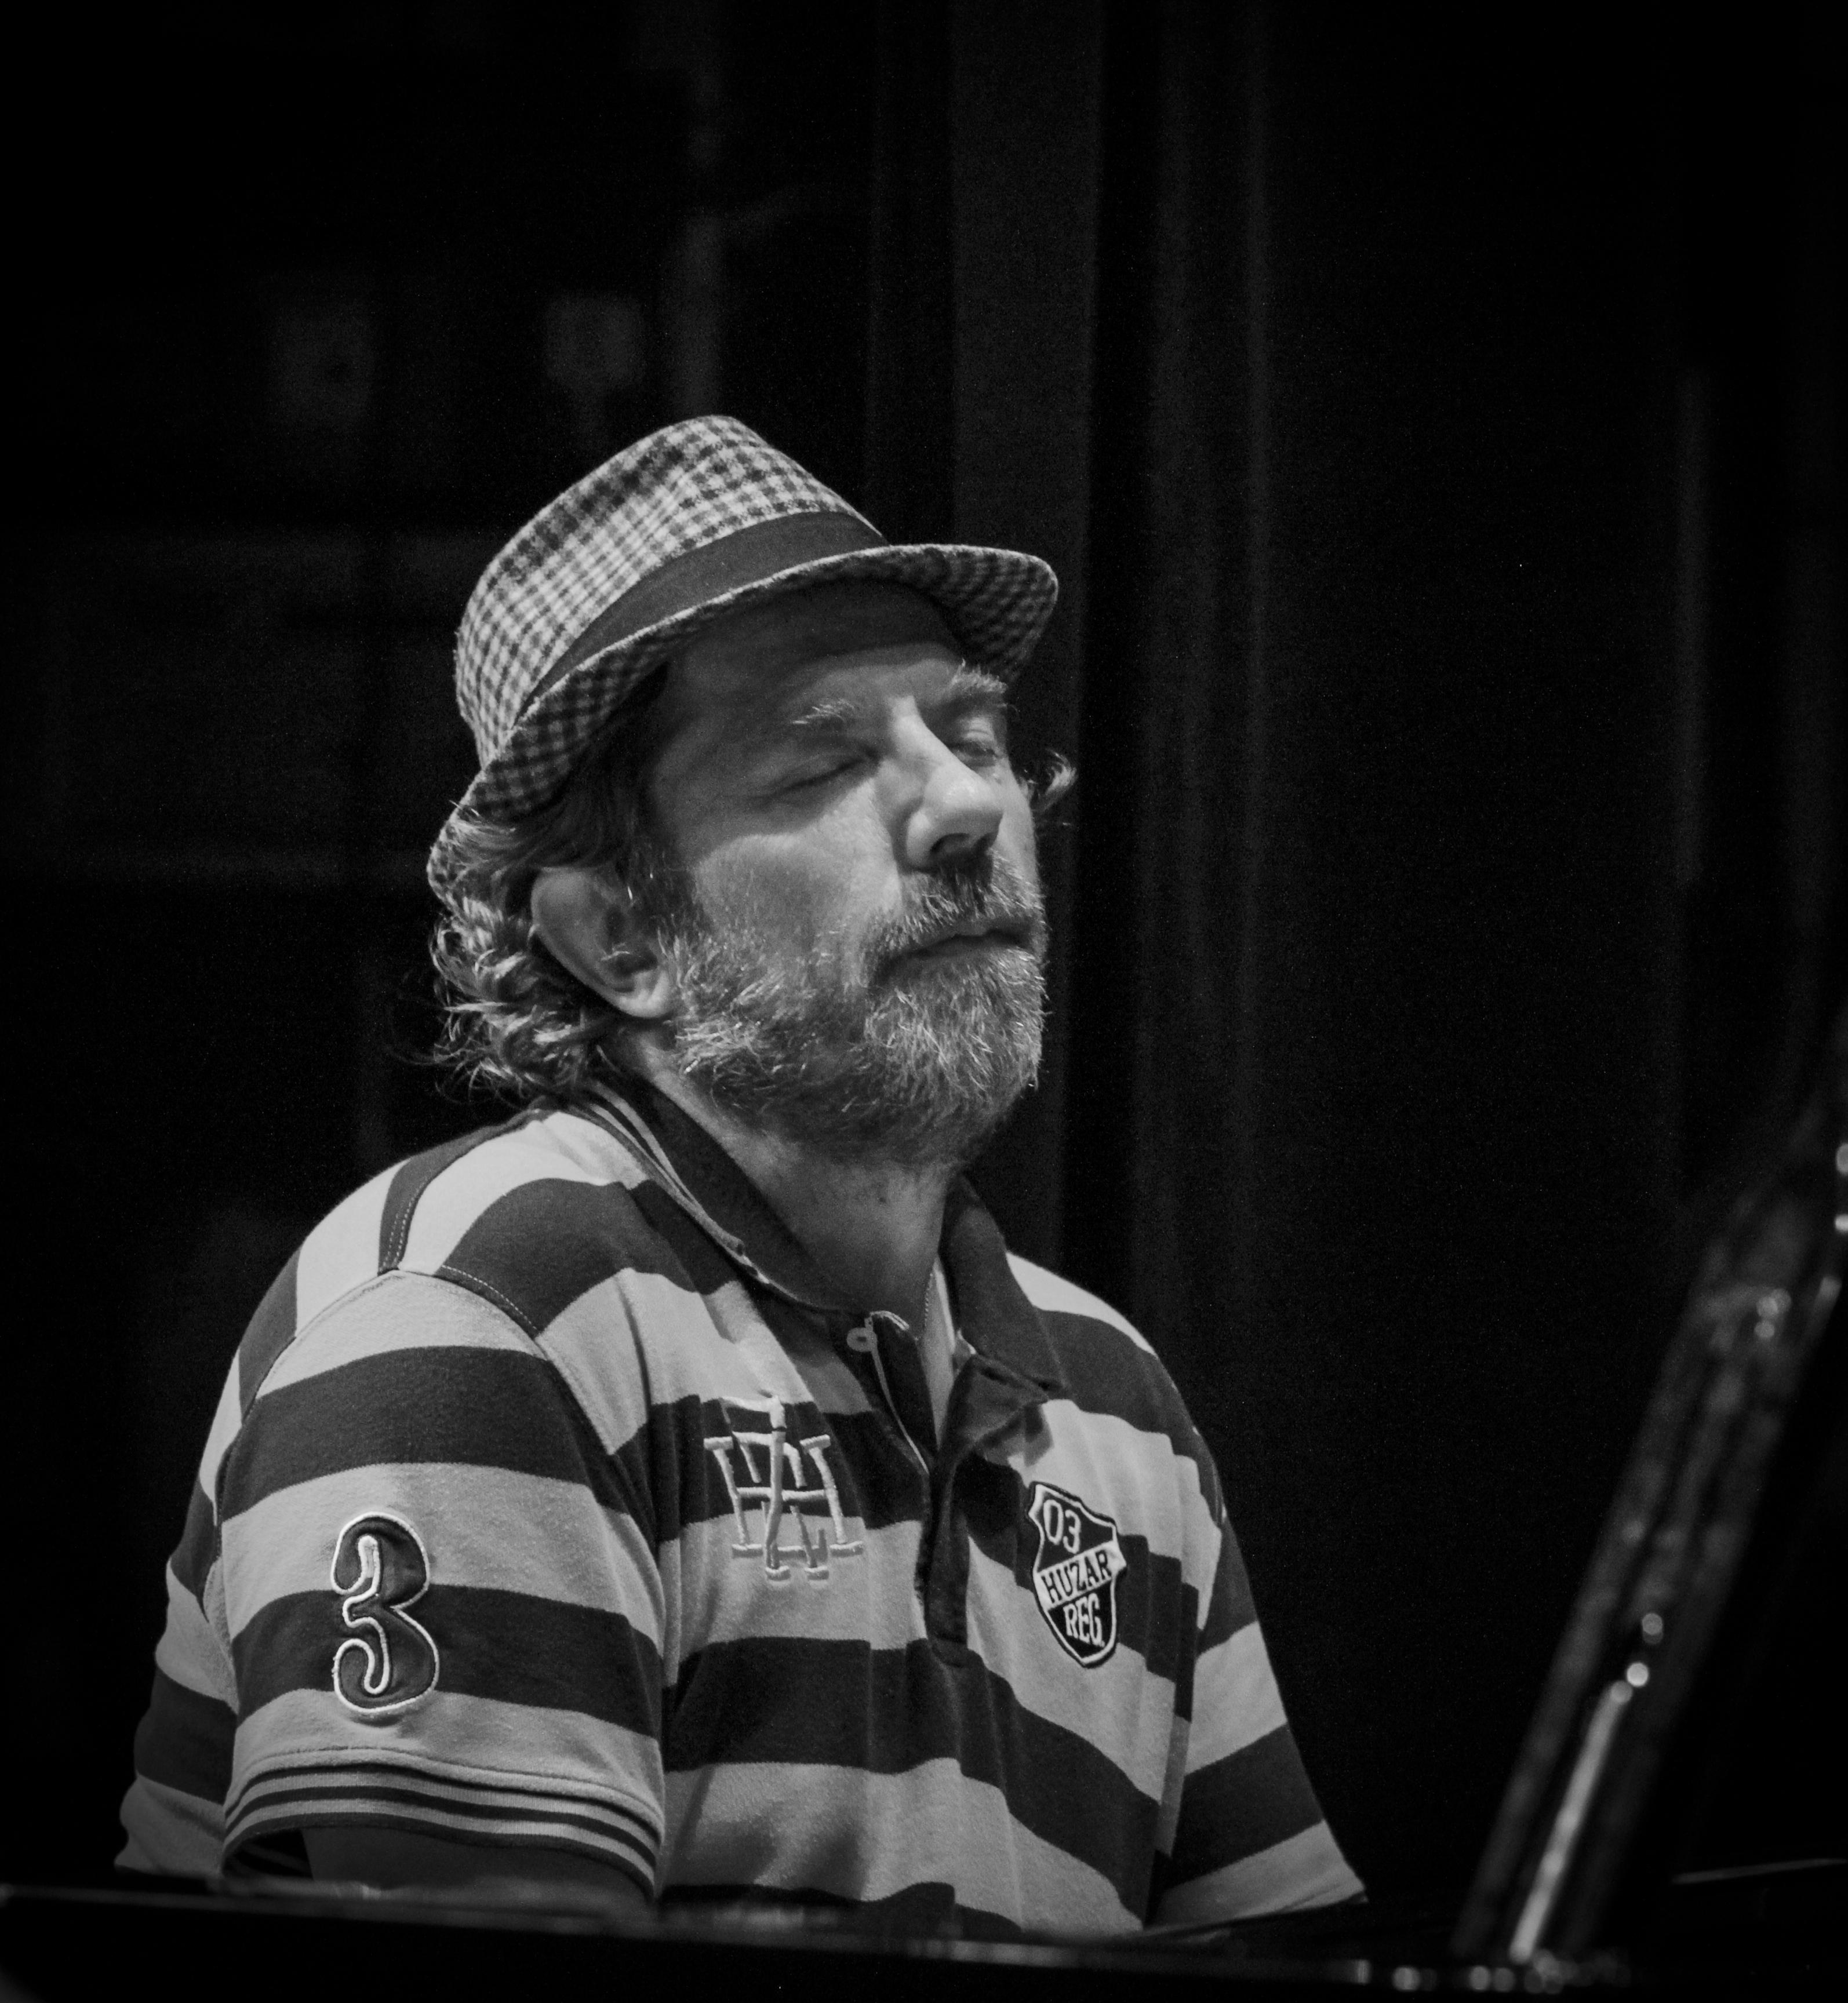 Carsten Dahl (p) at Summer Jazz 2014 in Copenhagen, Denmark